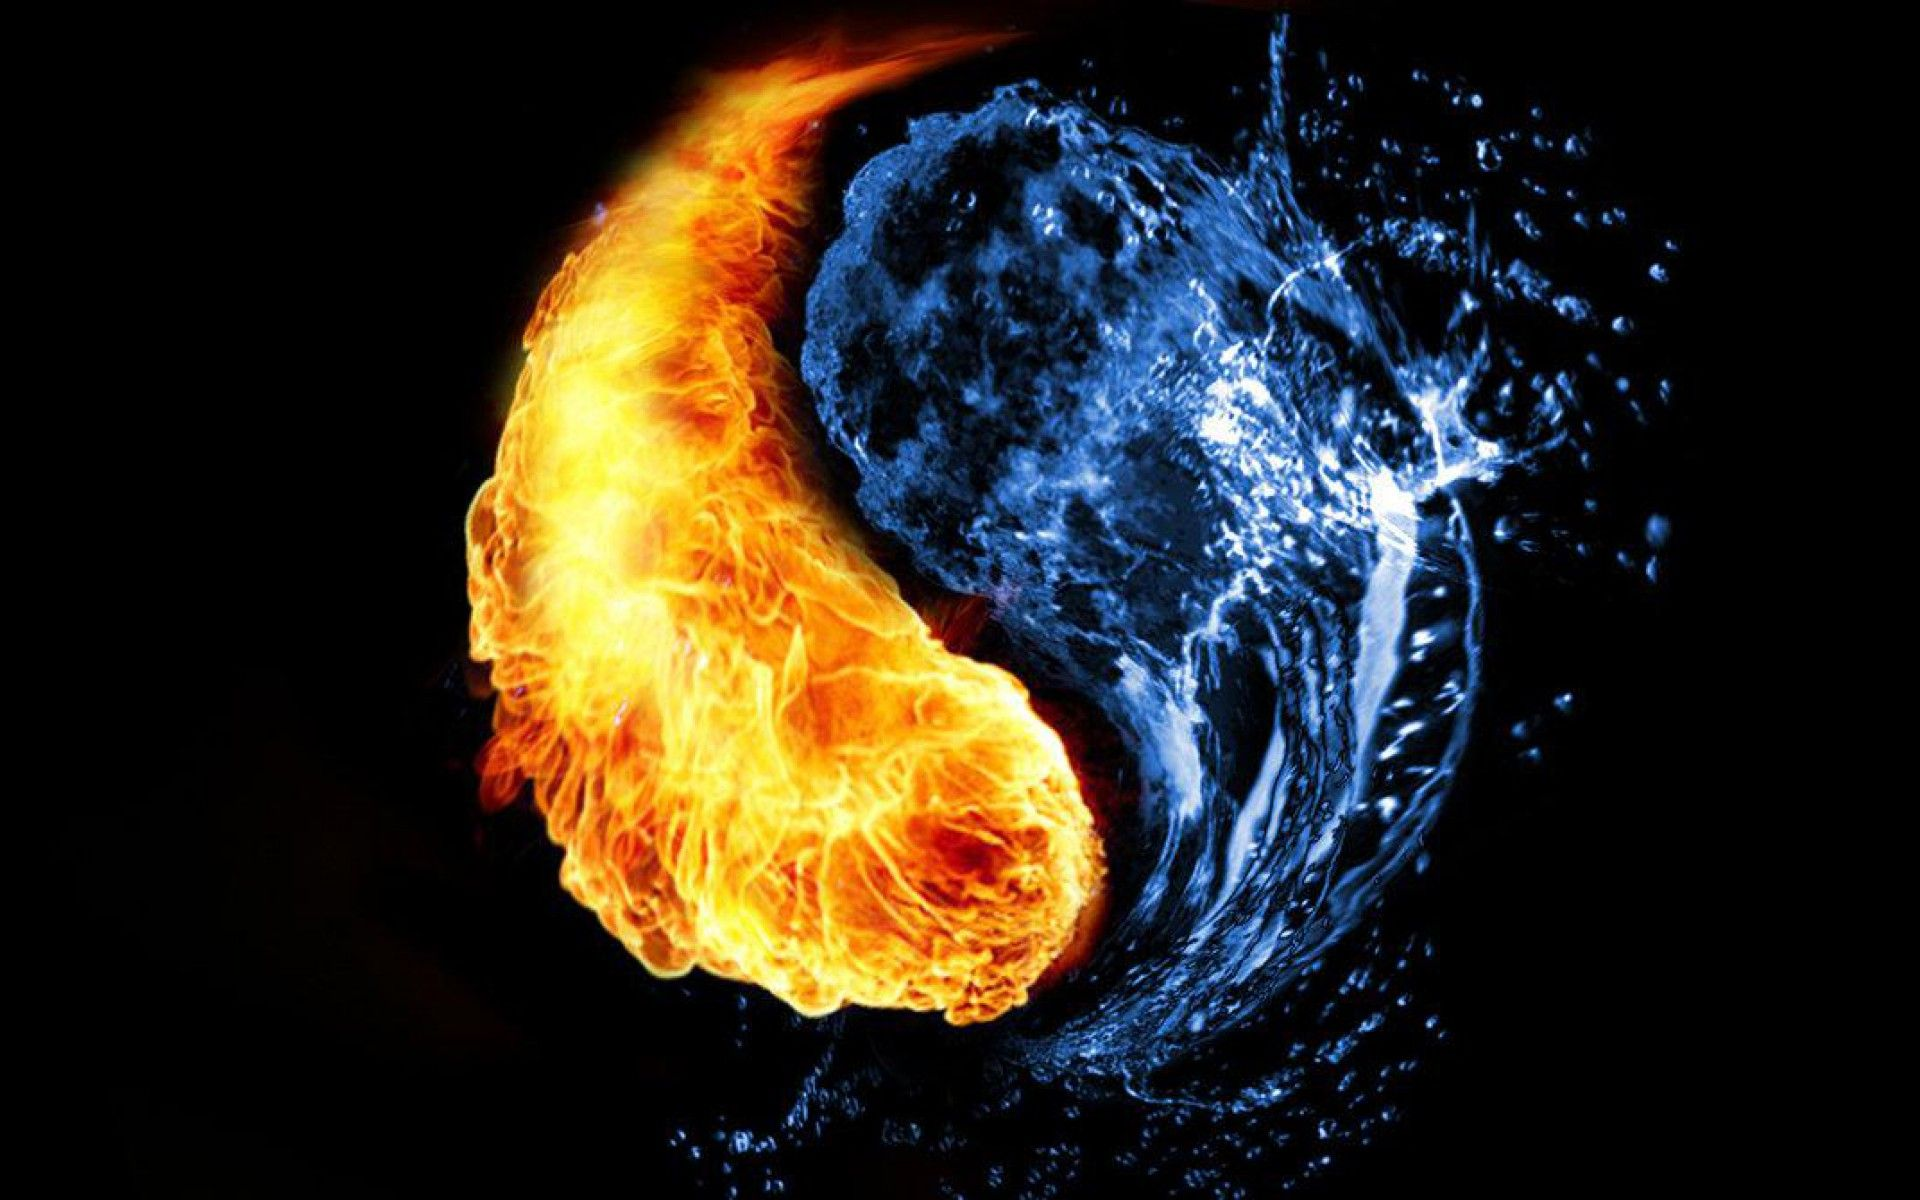 New Year New Beginnings Yin Yang Yin Wallpaper Backgrounds 1080p fire and water wallpaper hd